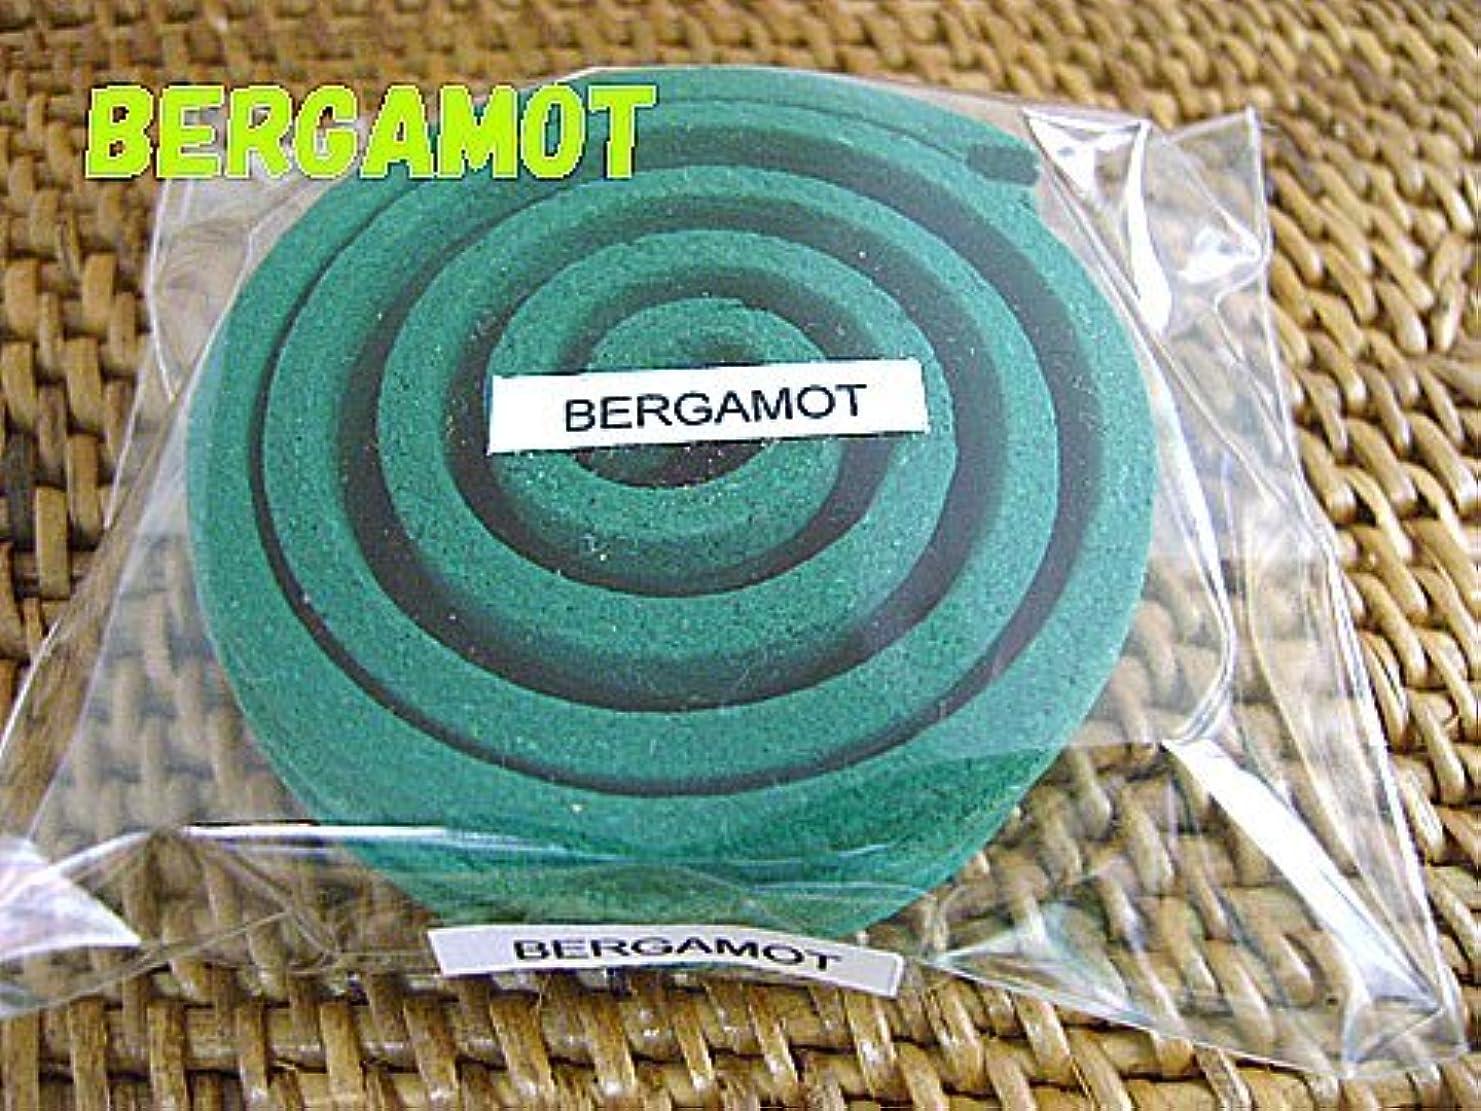 炭素父方の八百屋さんTHAI INCENSE タイのうずまき香COILS INCENSE【BERGAMOT ベルガモット】